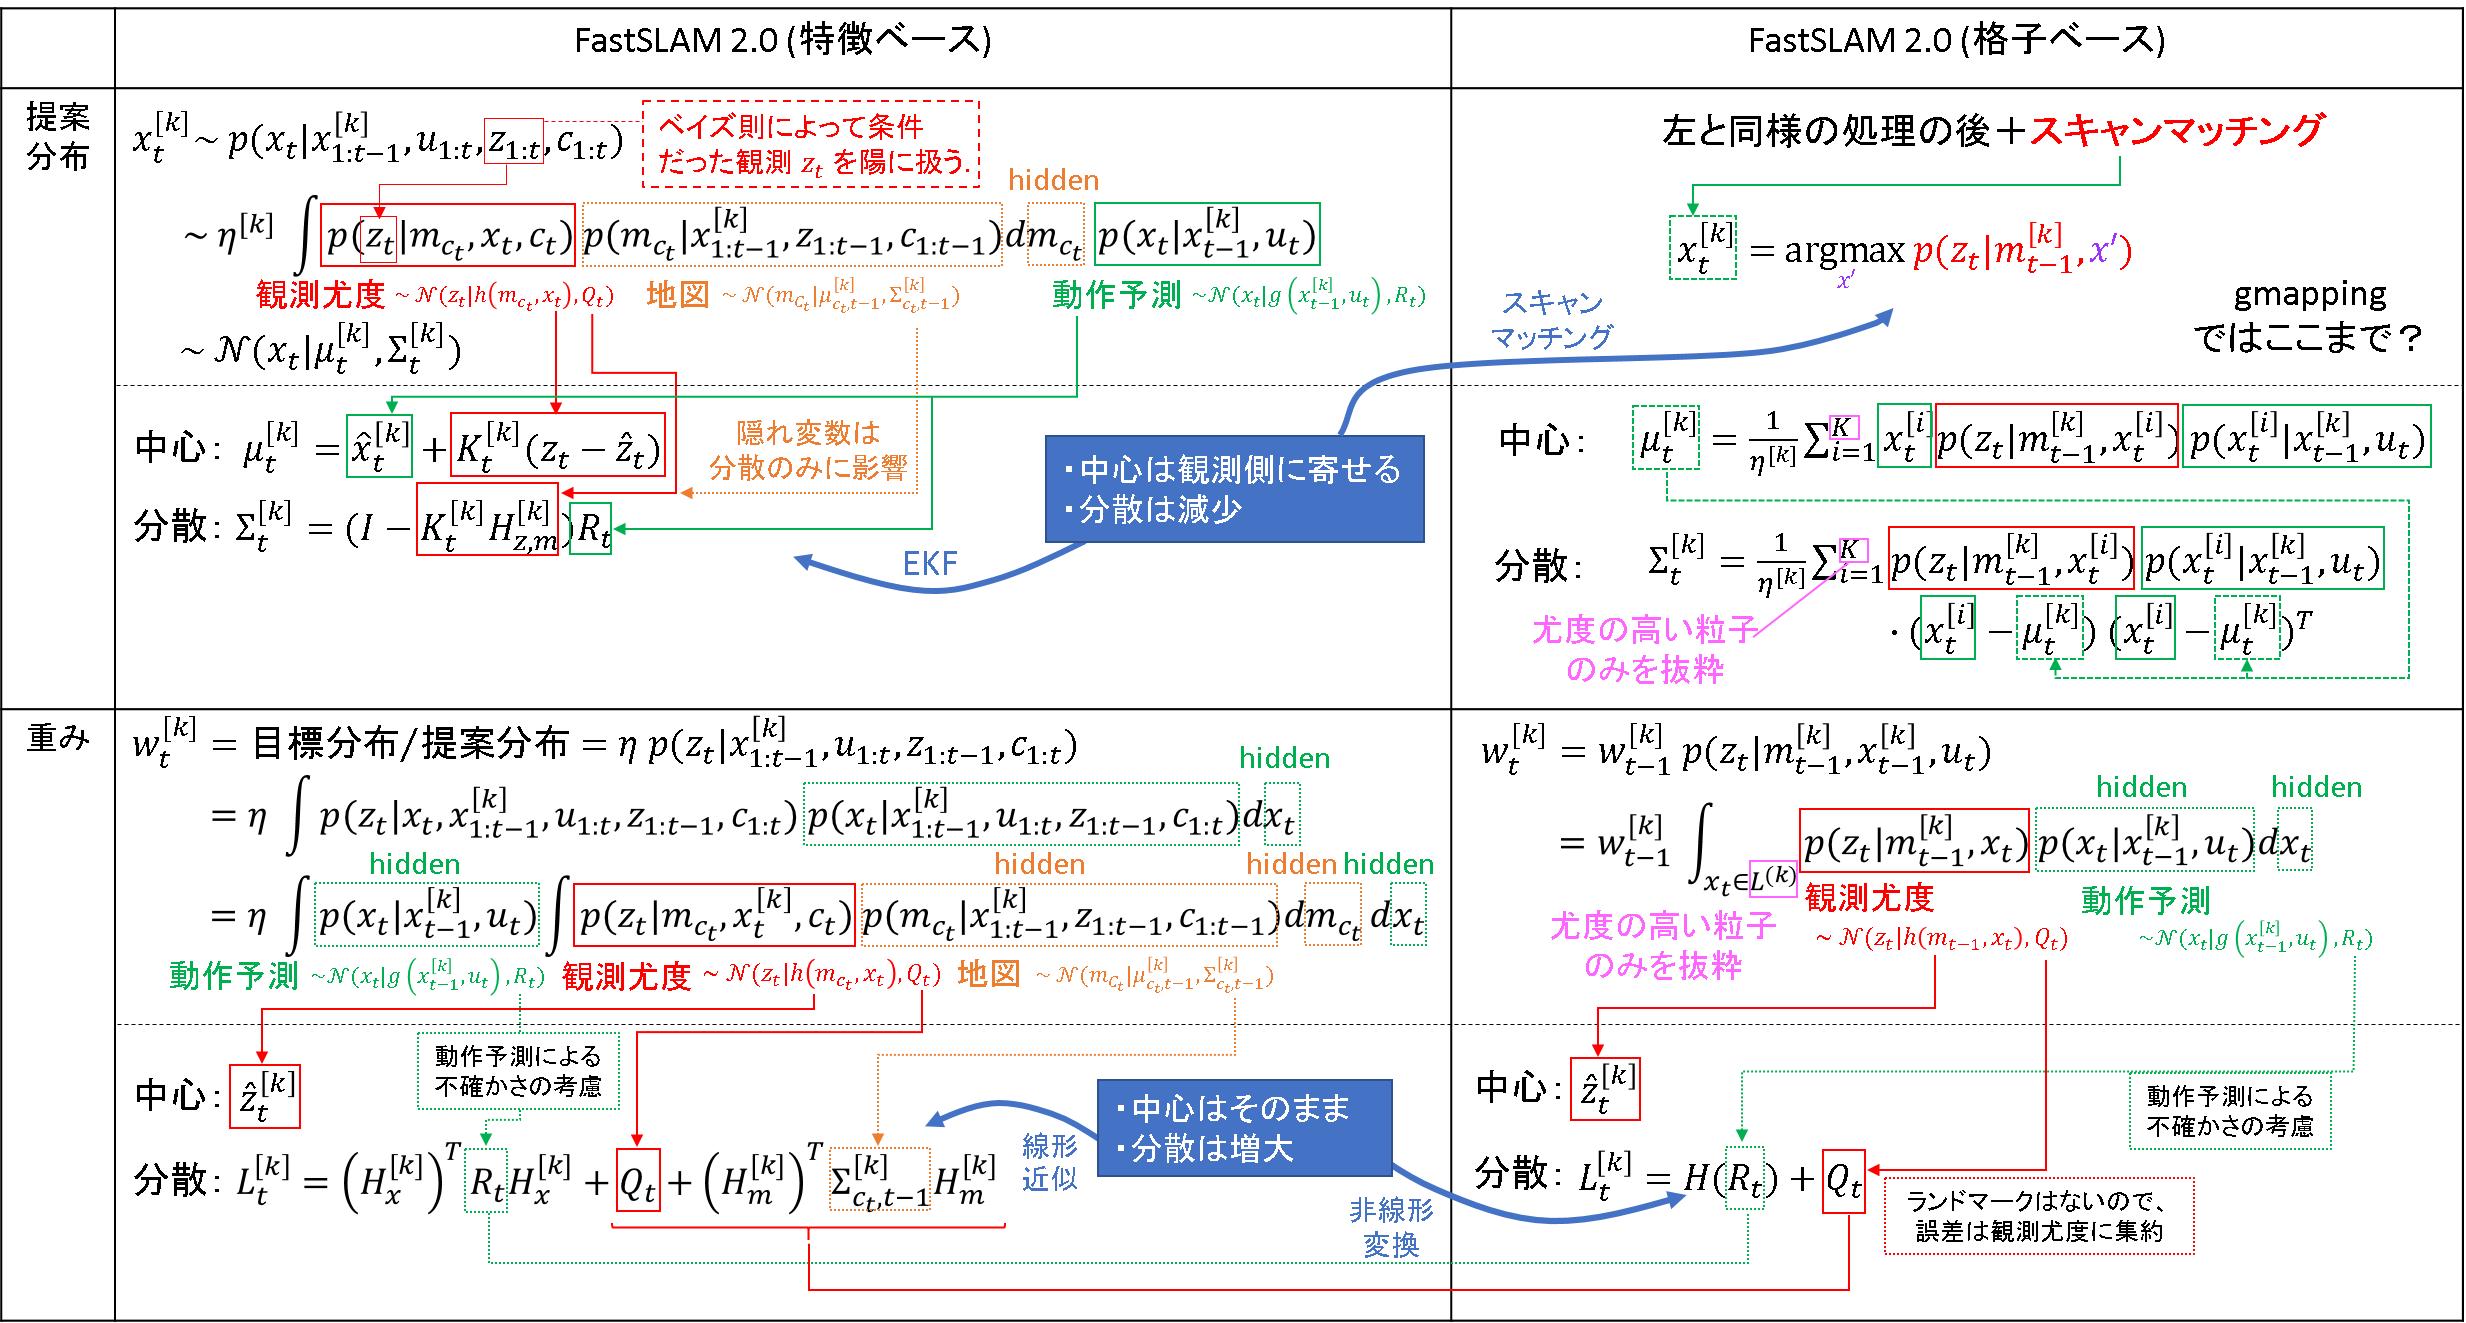 84_FastSLAM2.0_格子ベース_数式.png